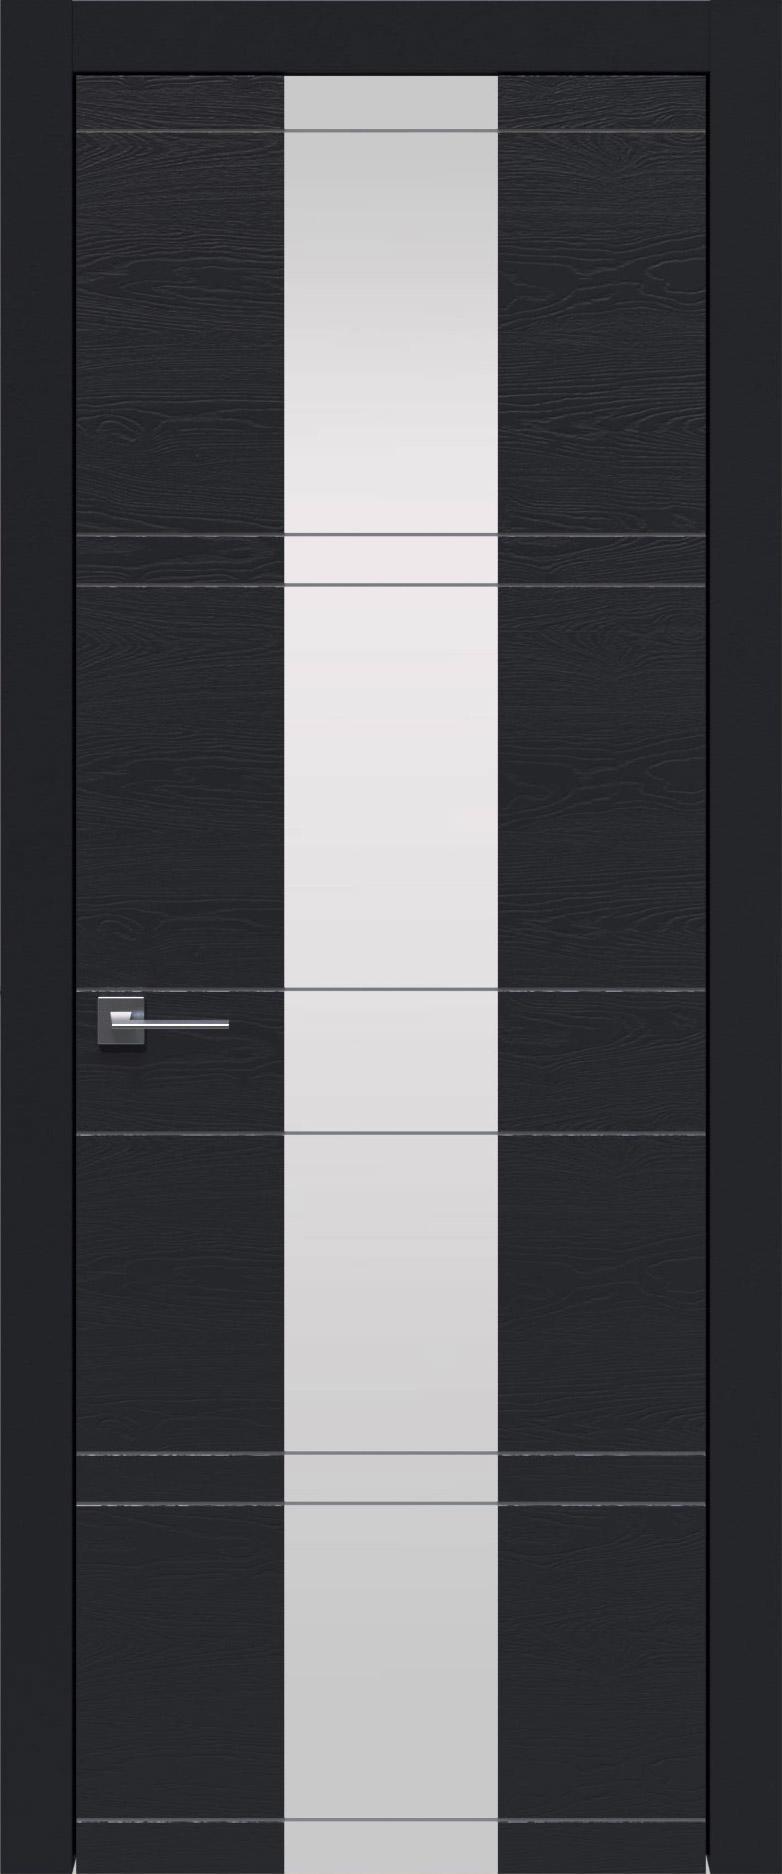 Tivoli Ж-2 цвет - Черная эмаль по шпону (RAL 9004) Со стеклом (ДО)